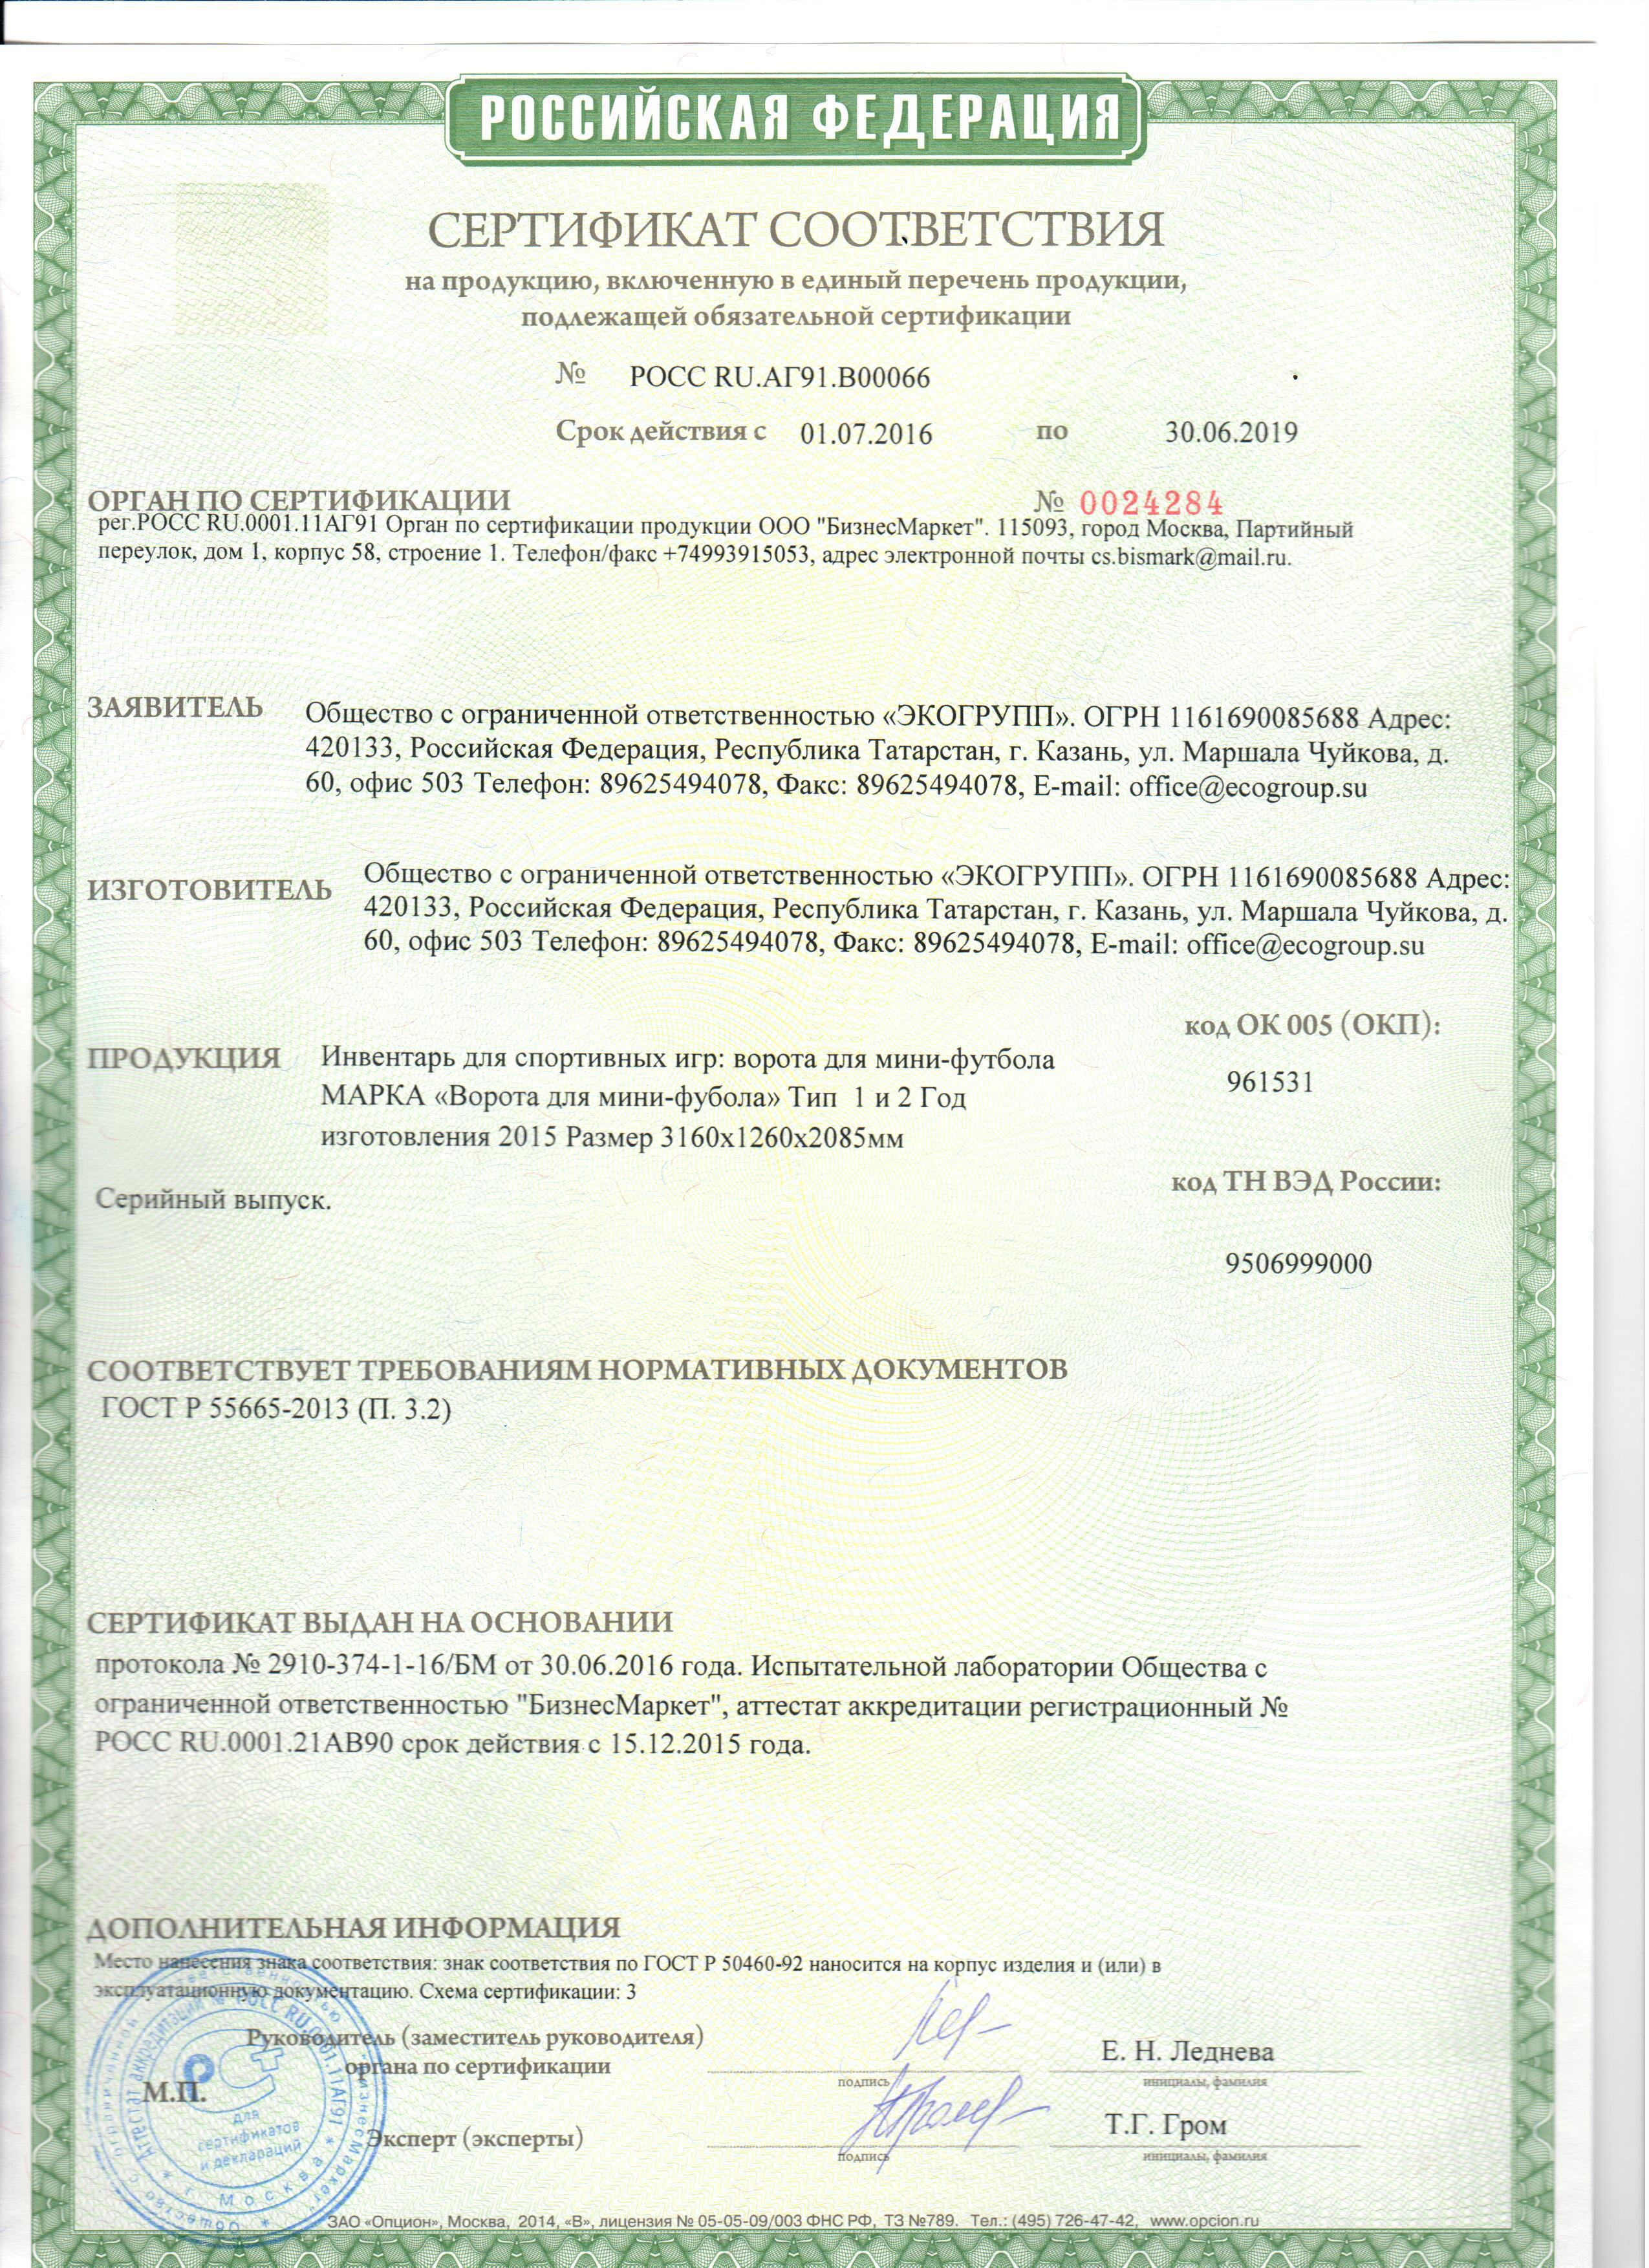 Информация о правонарушении по постановлению